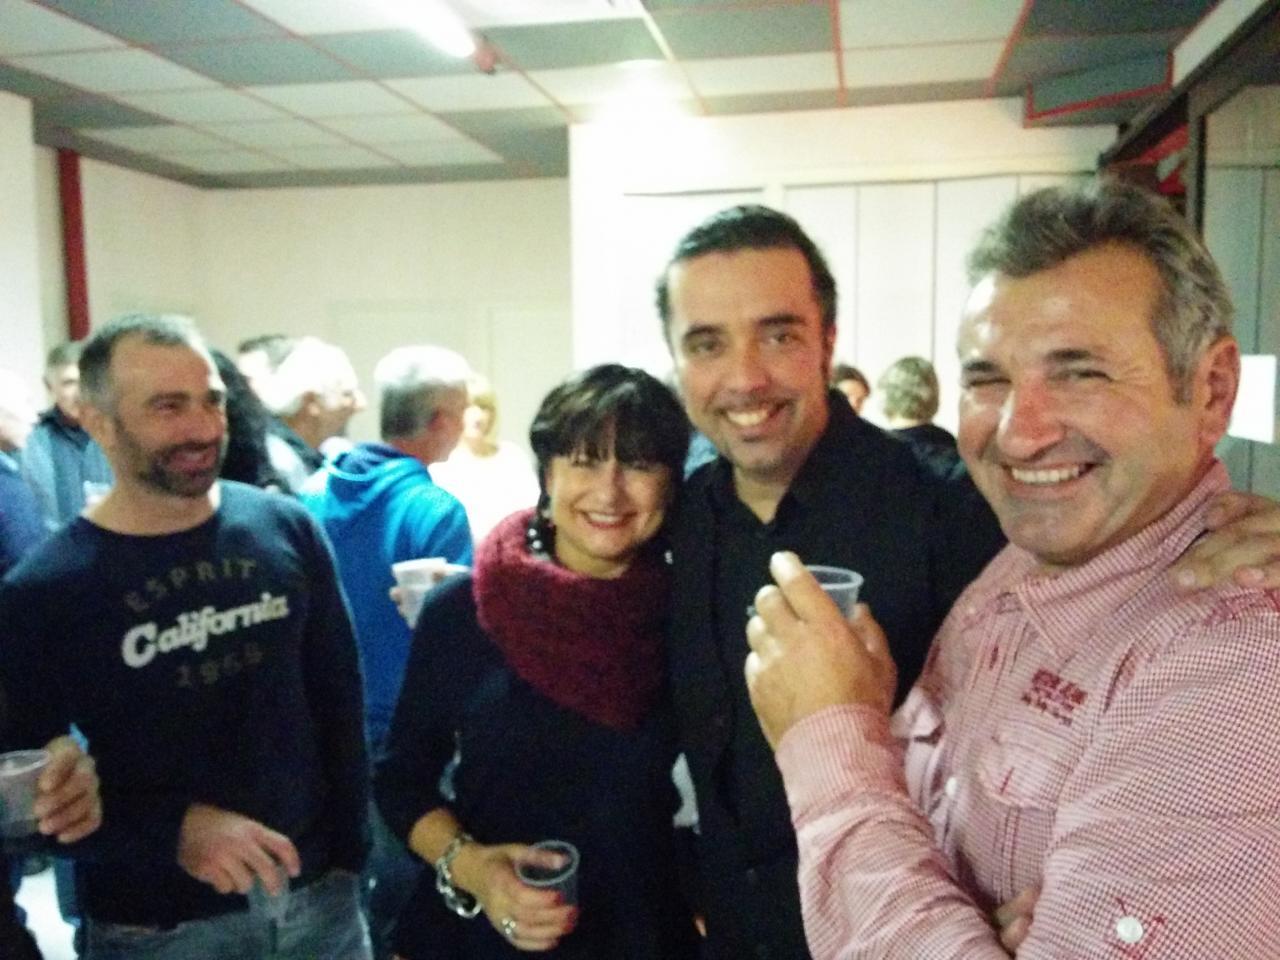 Chris méchant 1-épouse de Patrick à D et el condor Stéfano